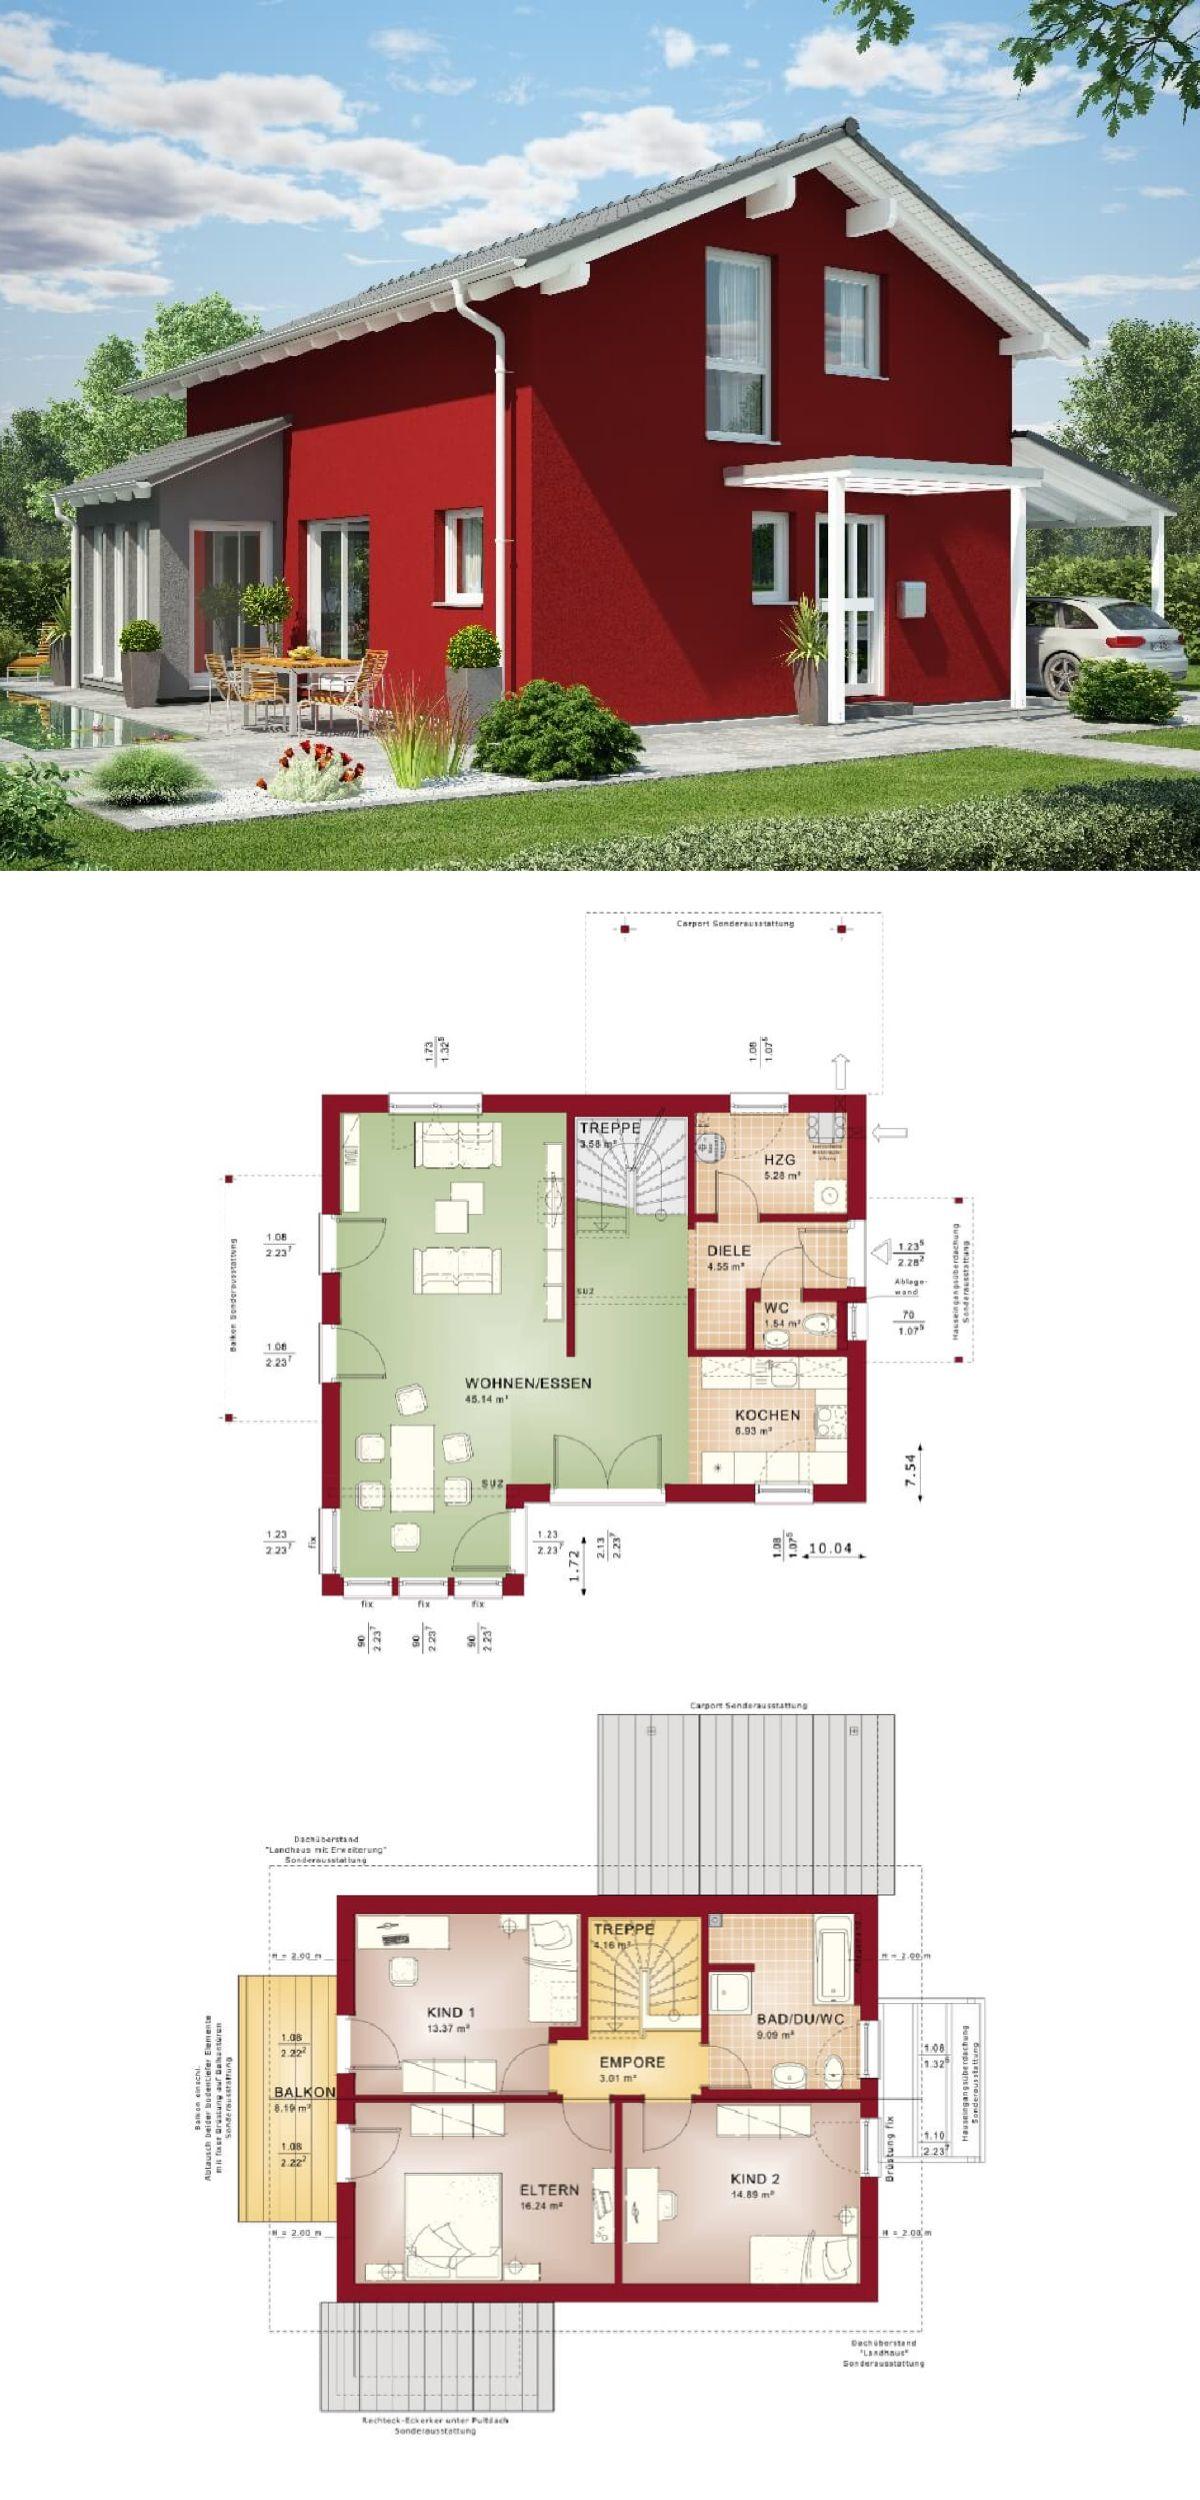 Bungalow Haus Modern Mit Flachdach Architektur Fassade Rot Weiß    Einfamilienhaus Innen Bungalow 147 ELK Fertighaus Ideen Bauen    HausbauDirekt.de ...